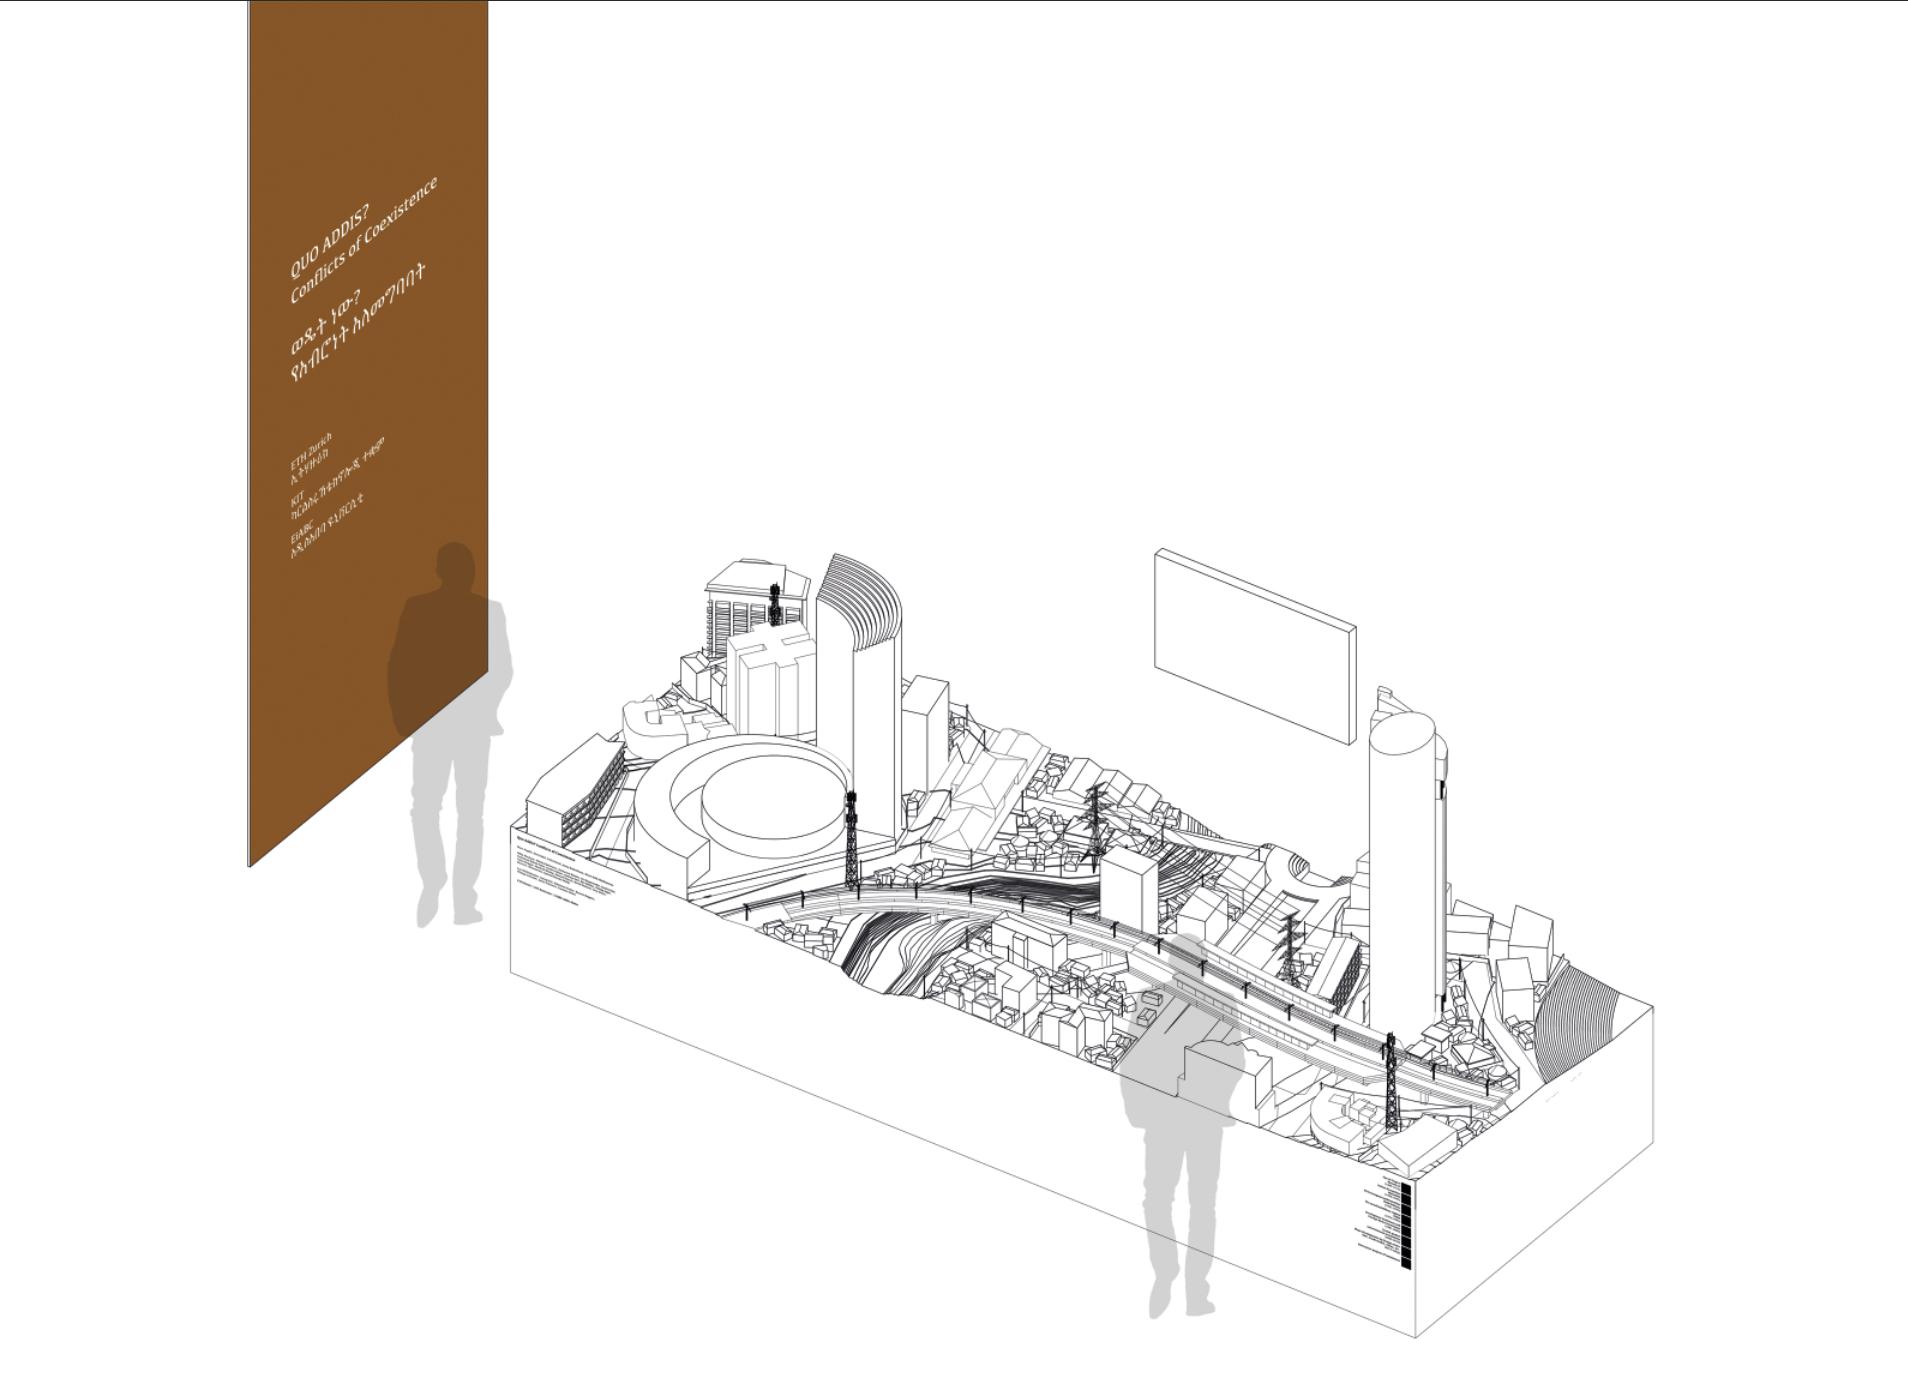 Model Venice Biennale 1